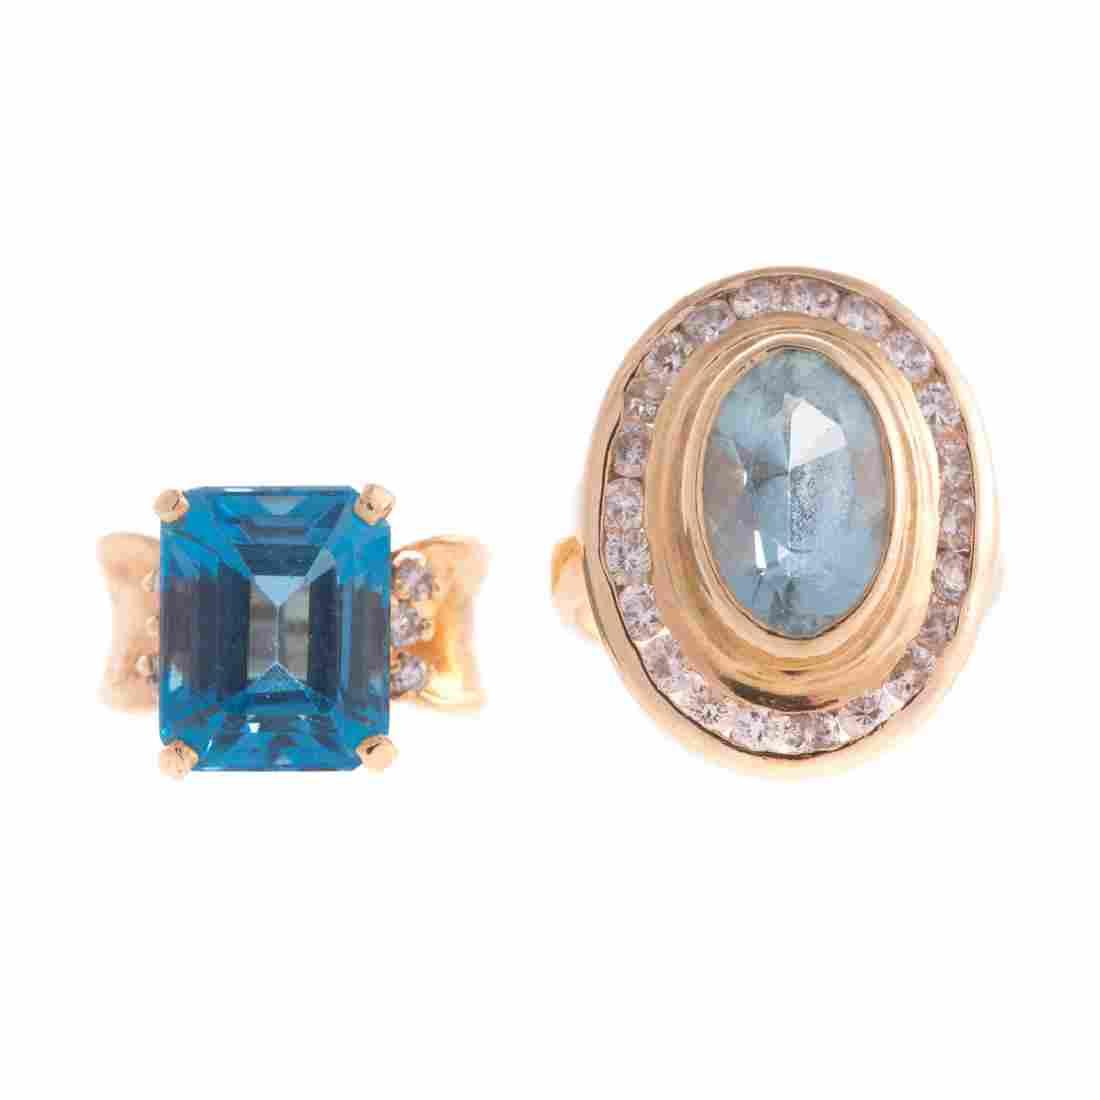 Two Lady's Gemstone & Diamond Rings in 14K